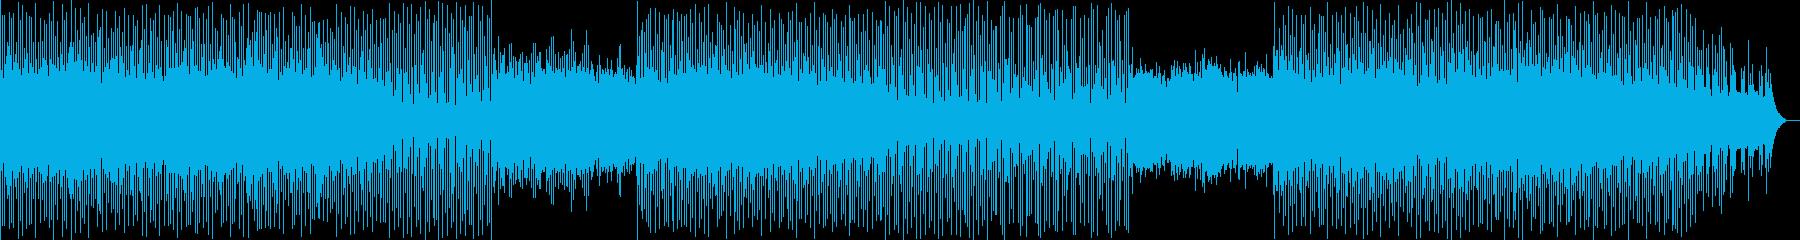 神秘的で綺麗なメロディーの再生済みの波形